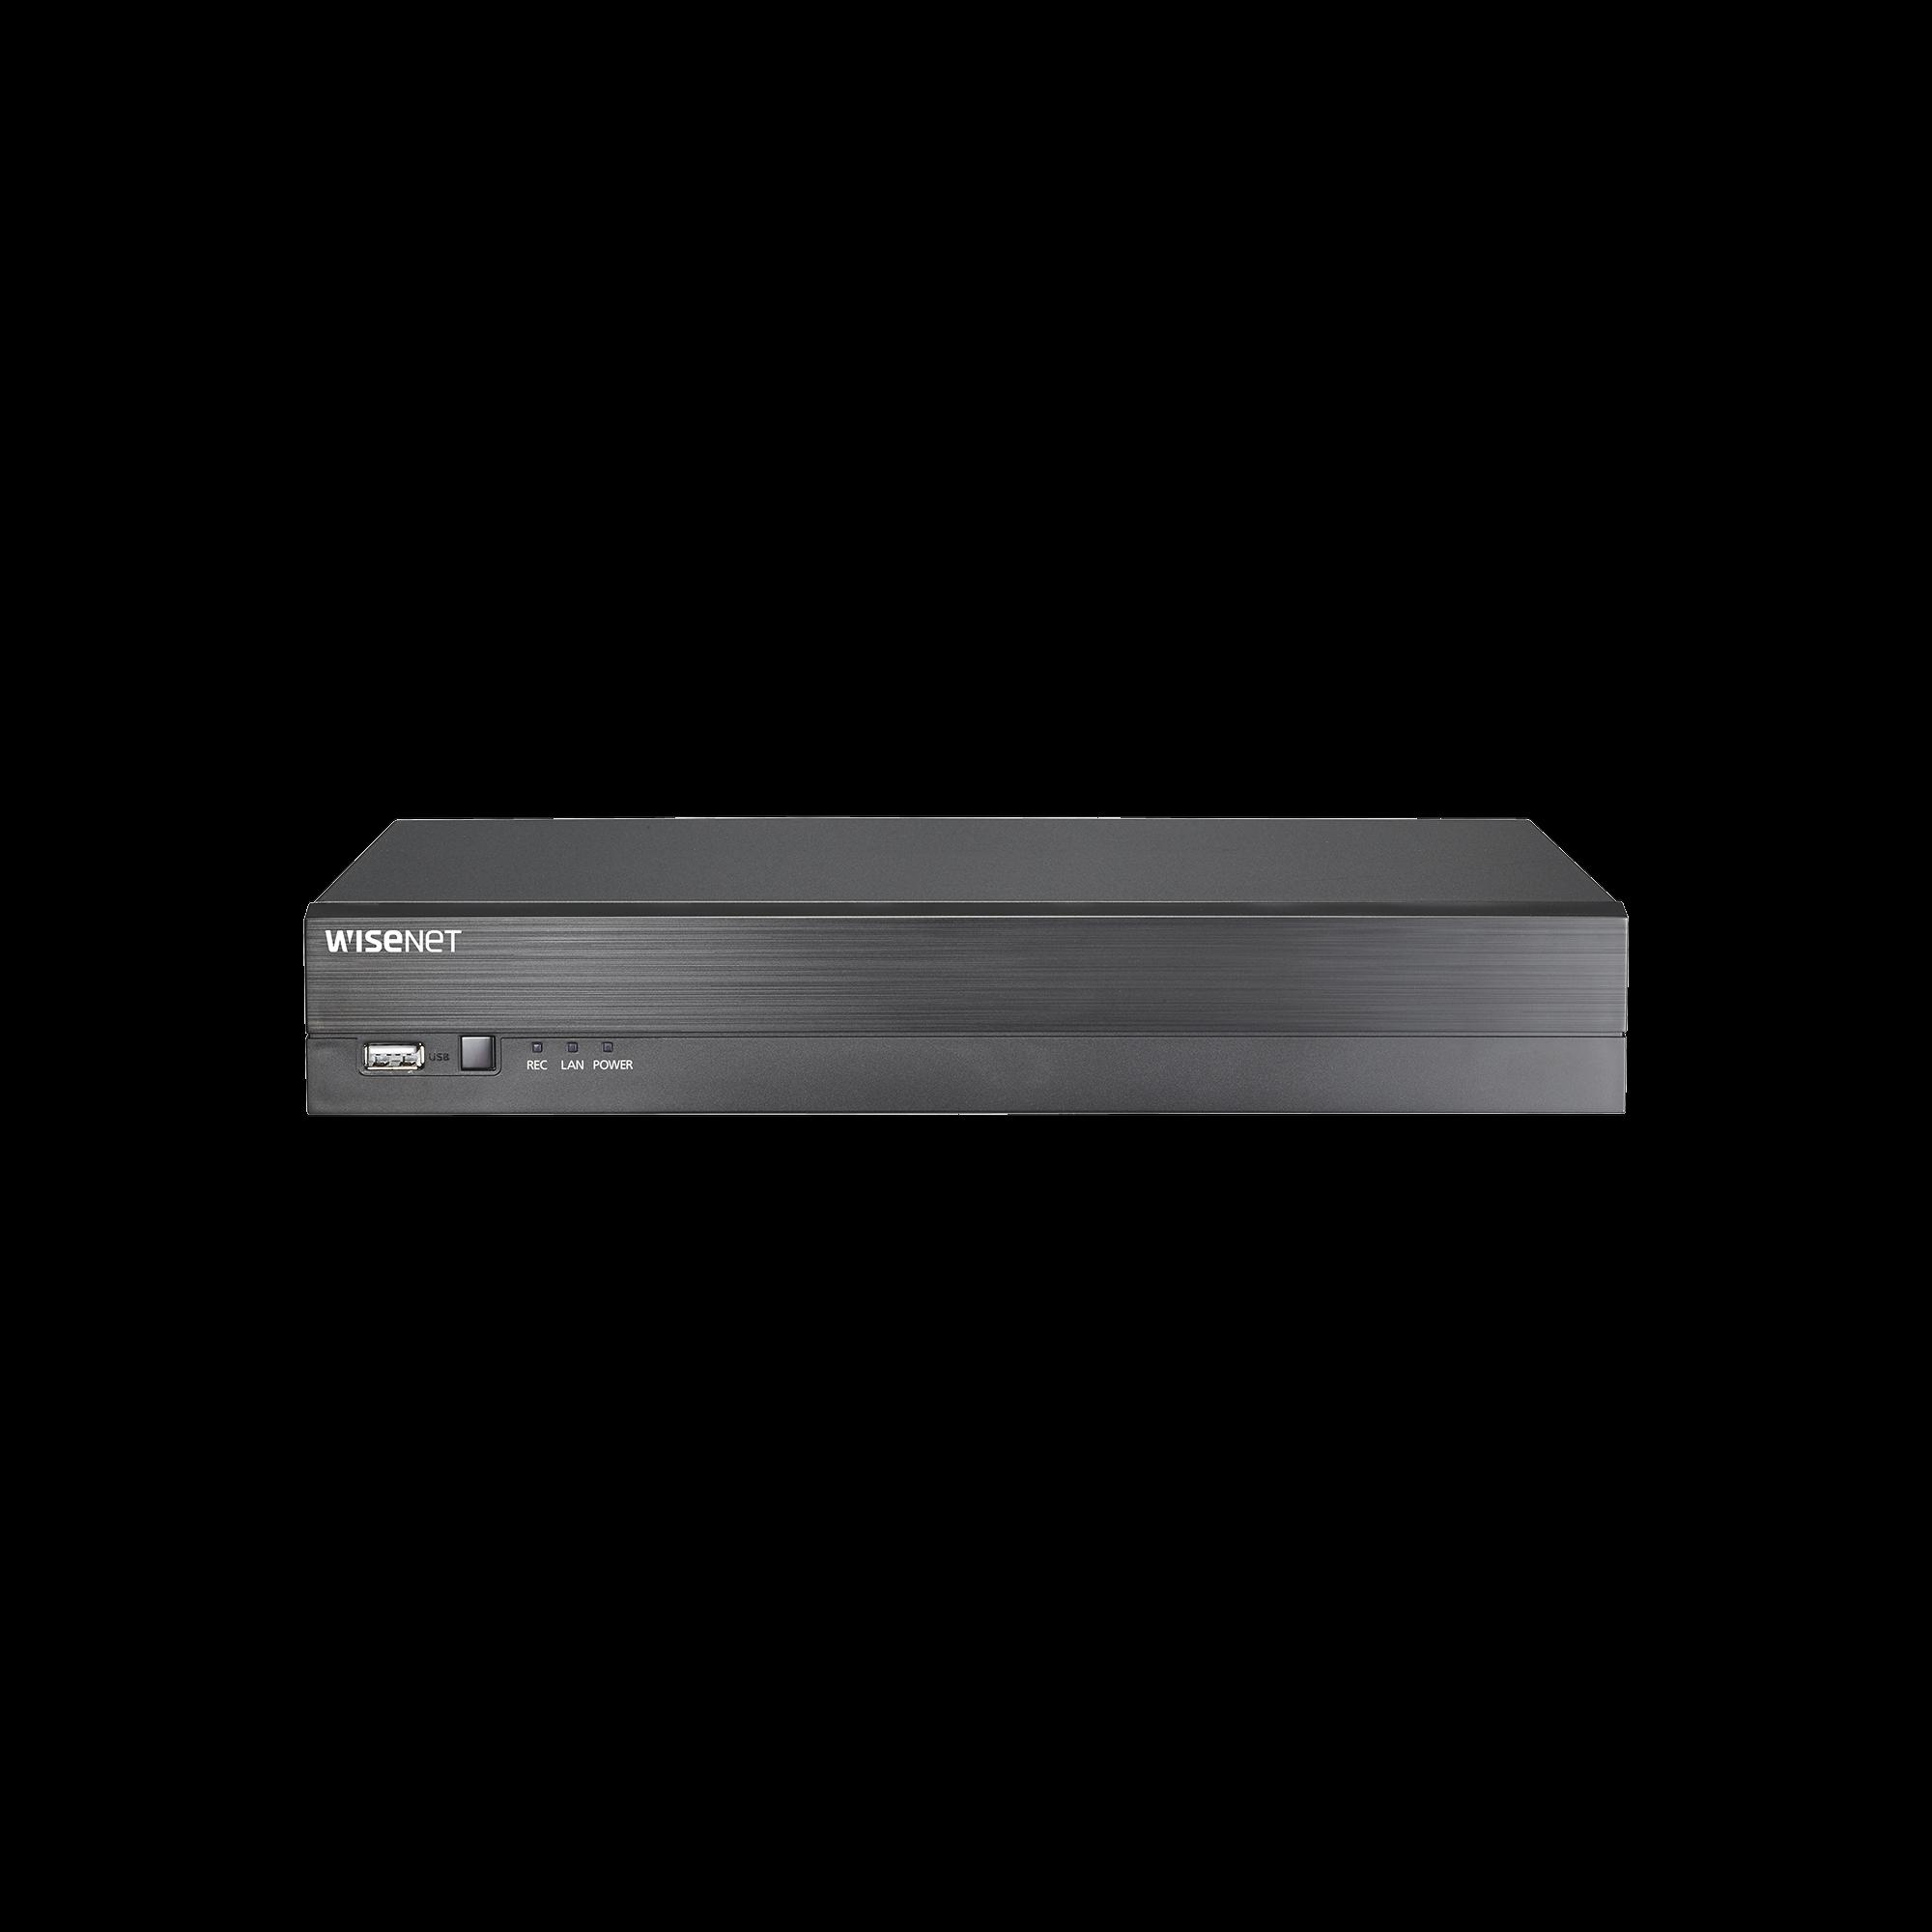 DVR 4 Canales hasta 4 Megapixel / Soporta 4 Tecnologías (AHD, TVI, CVI, CVBS) / 1 Entrada y Salida de Audio / 4 Entradas y 1 Salida de Alarma / Incluye 2TB